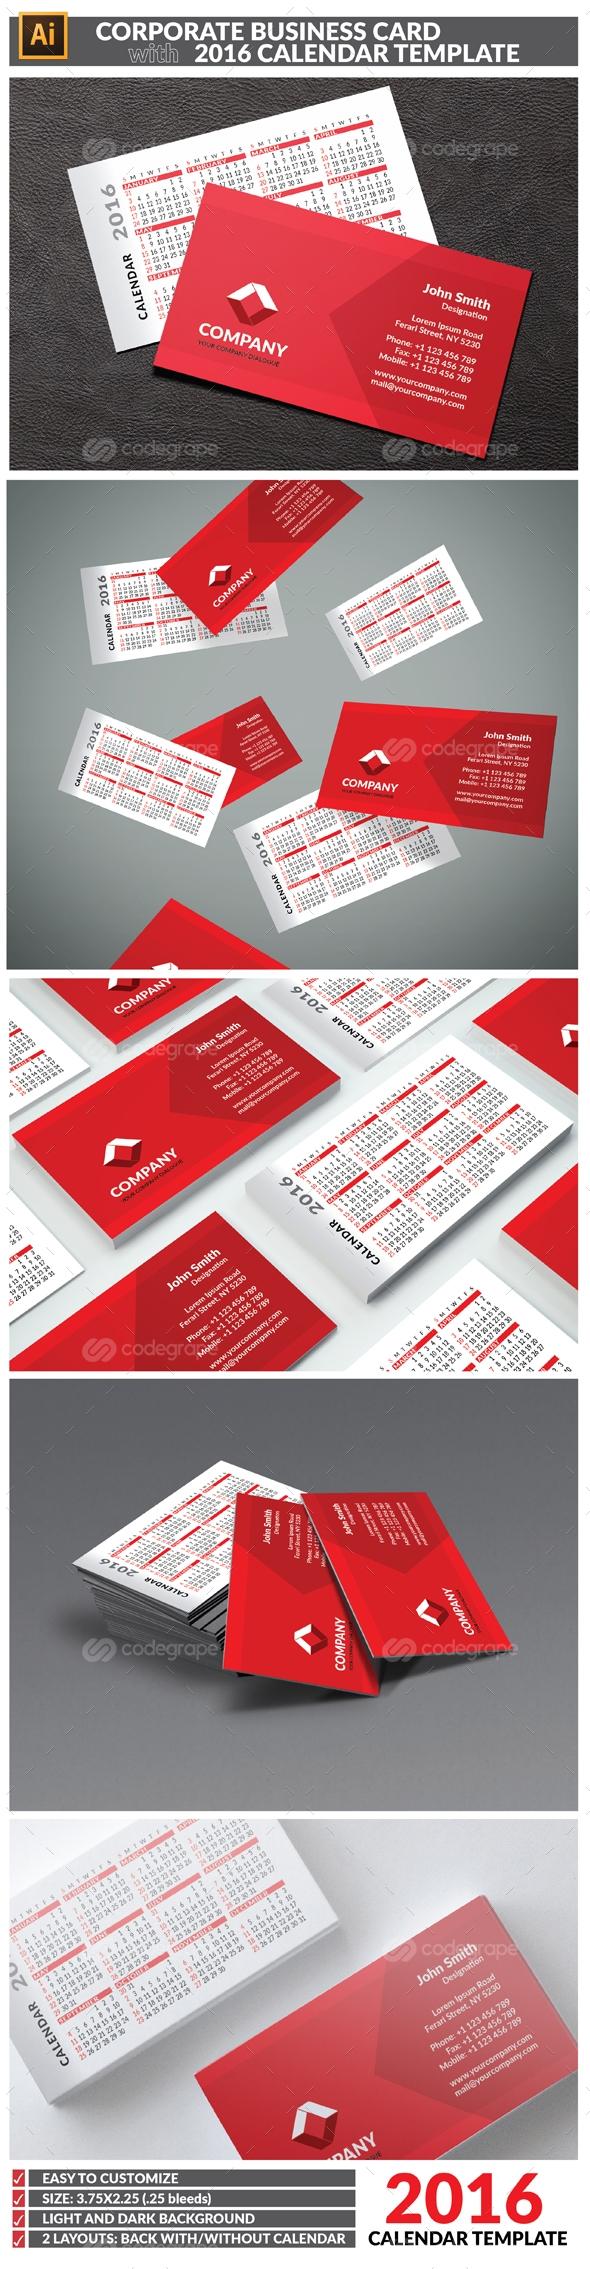 Business Card Calendar Template